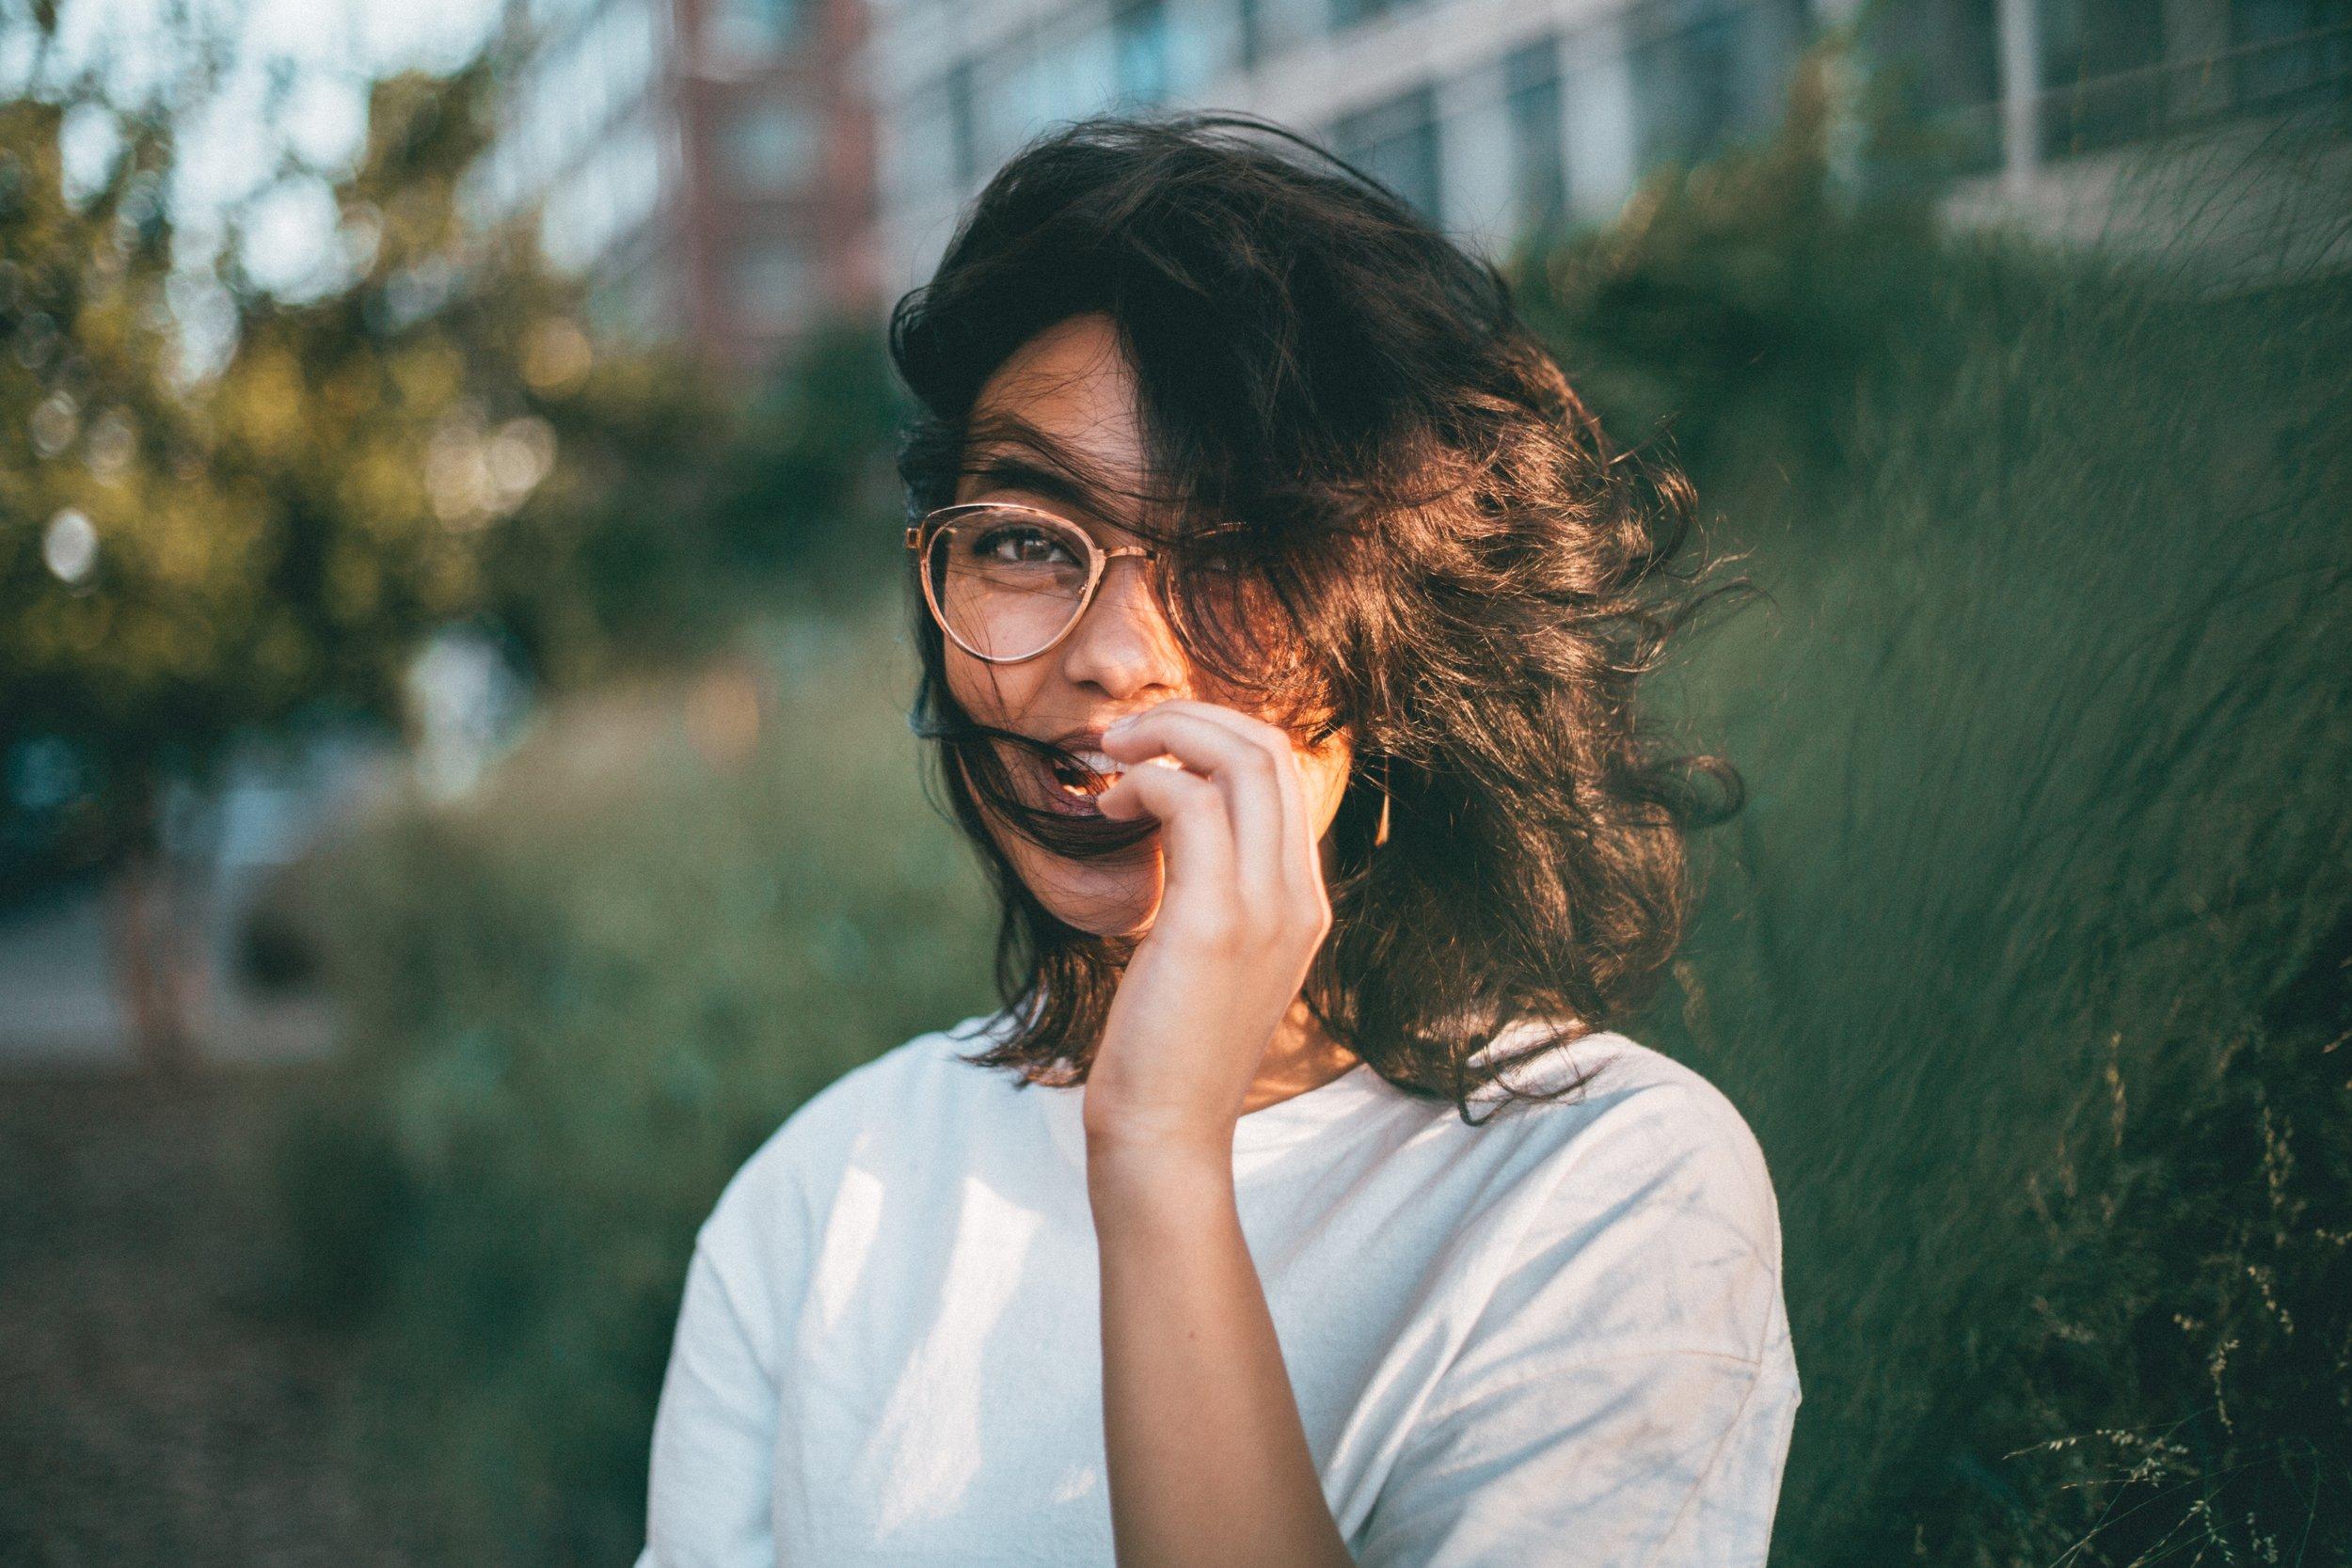 Authentizität und Vertrauen - kyo-Influencer haben eine hohe Glaubwürdigkeit aufgrund Ihrer eigenen Leidenschaft oder Ihrer Expertise gegenüber einem Produkt. Sie beeinflussen die Kaufentscheide ihrer Follower auf ehrliche und authentische Weise.